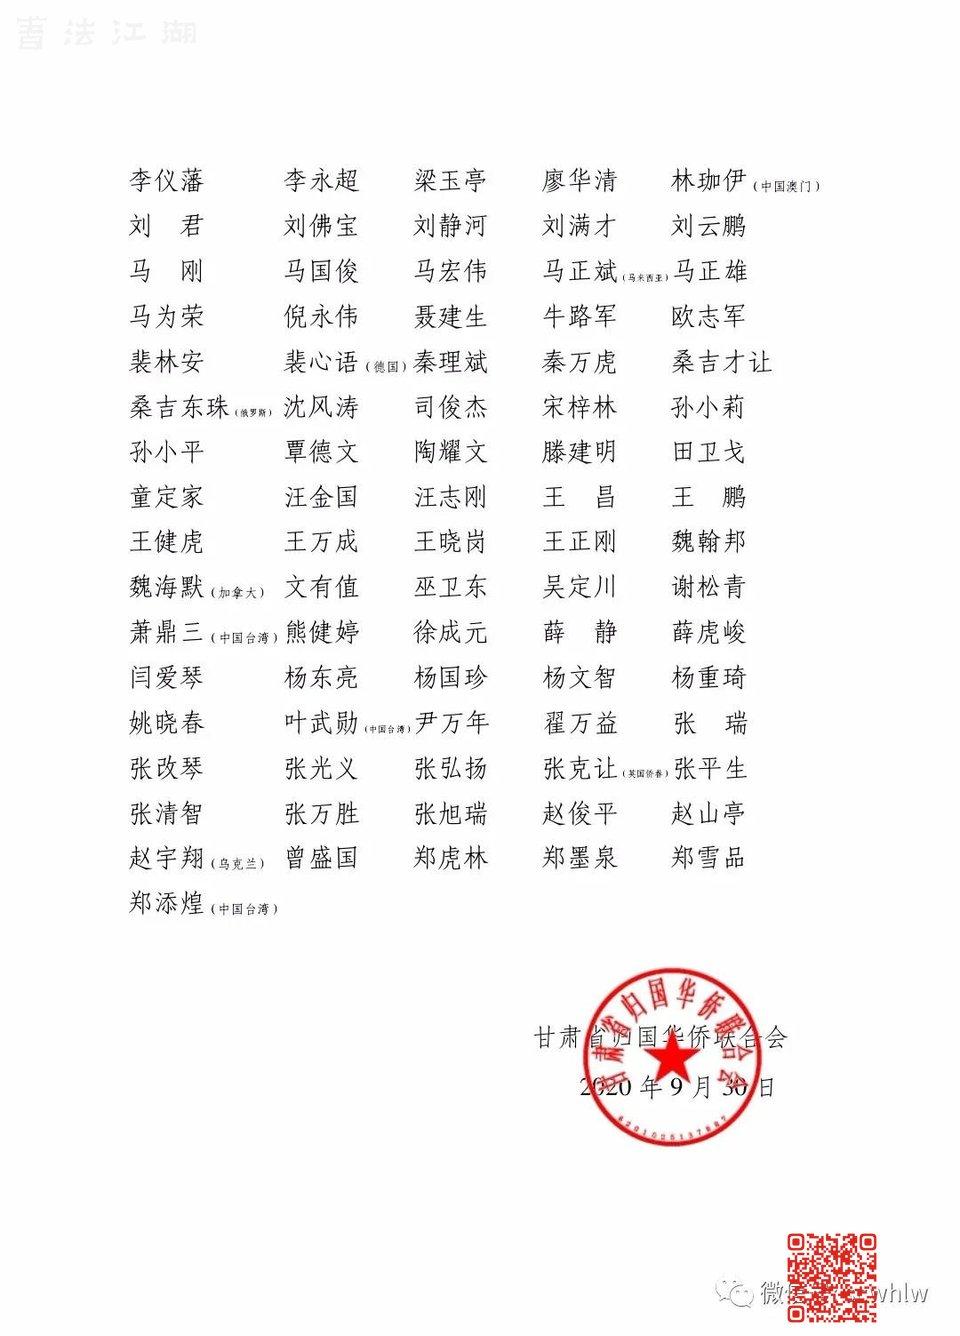 翰墨侨心•筑梦陇原2.jpg